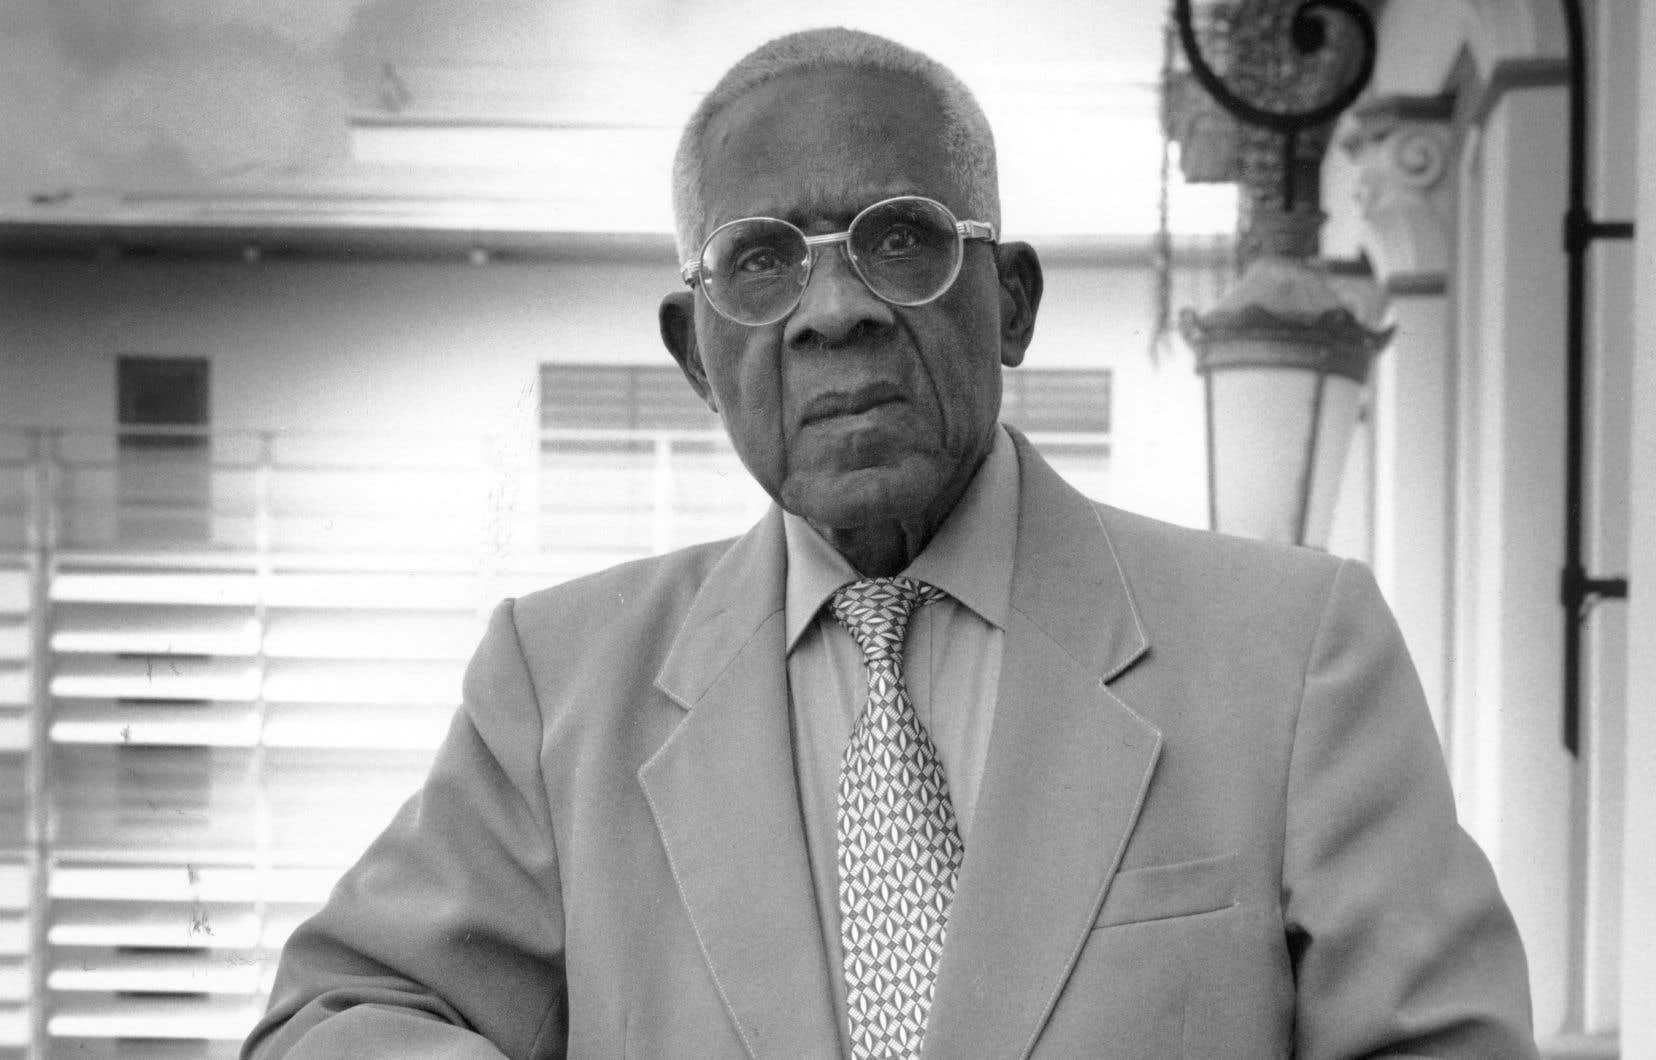 Photo prise en 2003 du poète martiniquais Aimé Césaire posant à la mairie de Fort-de-France. Maire de cette ville de 1945 à 2001, député de 1946 à 1993, président du conseil régional de Martinique, il a fondé le Parti progressiste martiniquais, dont il a quitté la présidence en 2005.